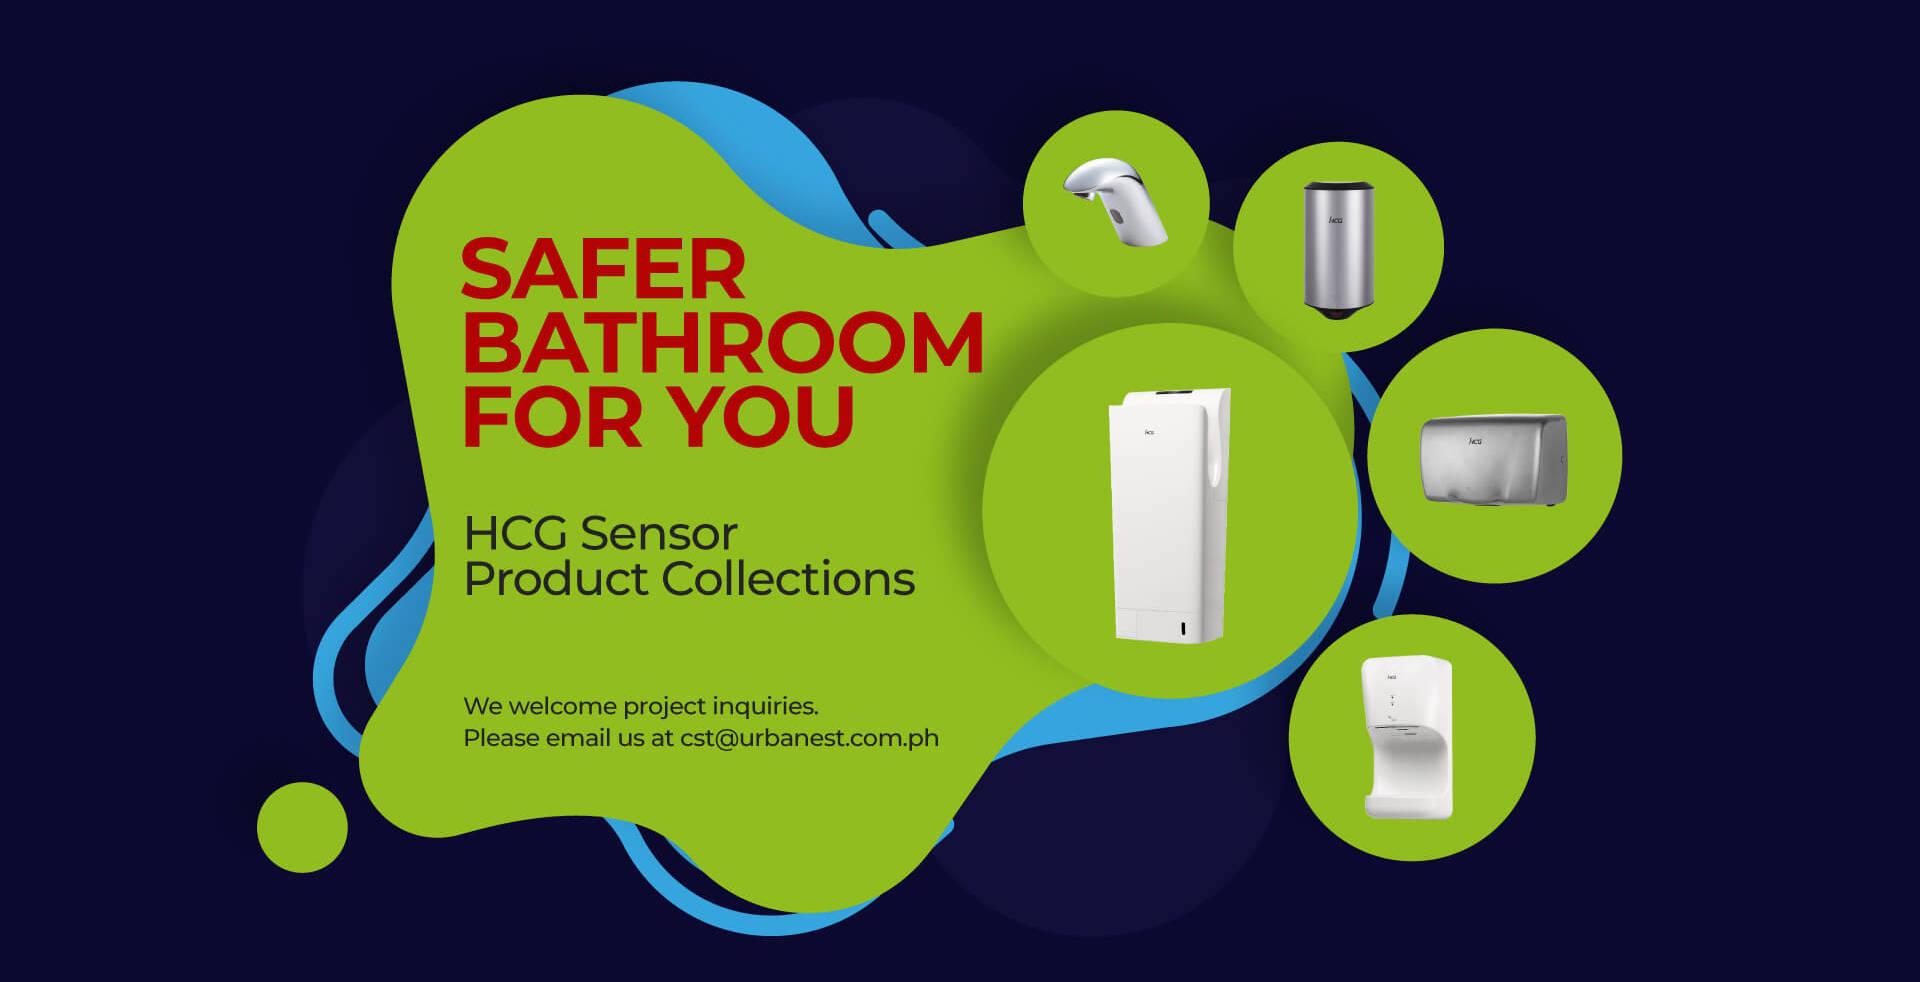 Sensor Product Banner-Safer bathroom for you